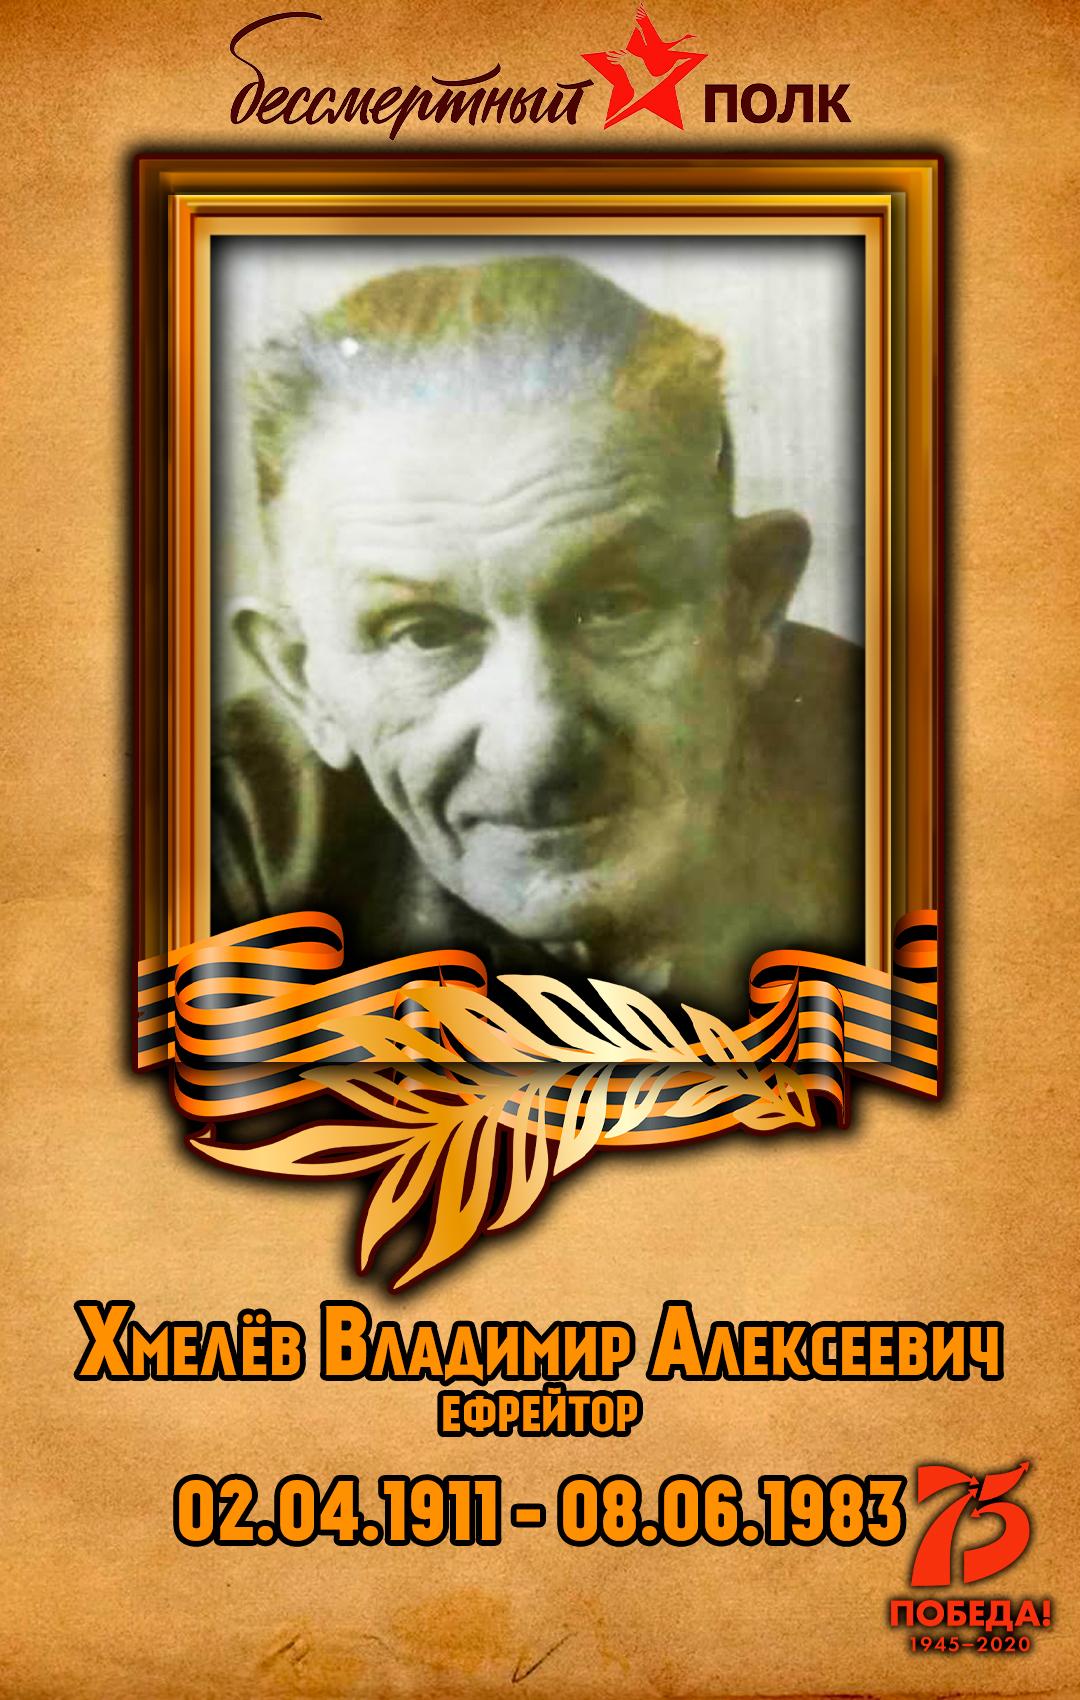 Хмелёв-Владимир-Алексеевич